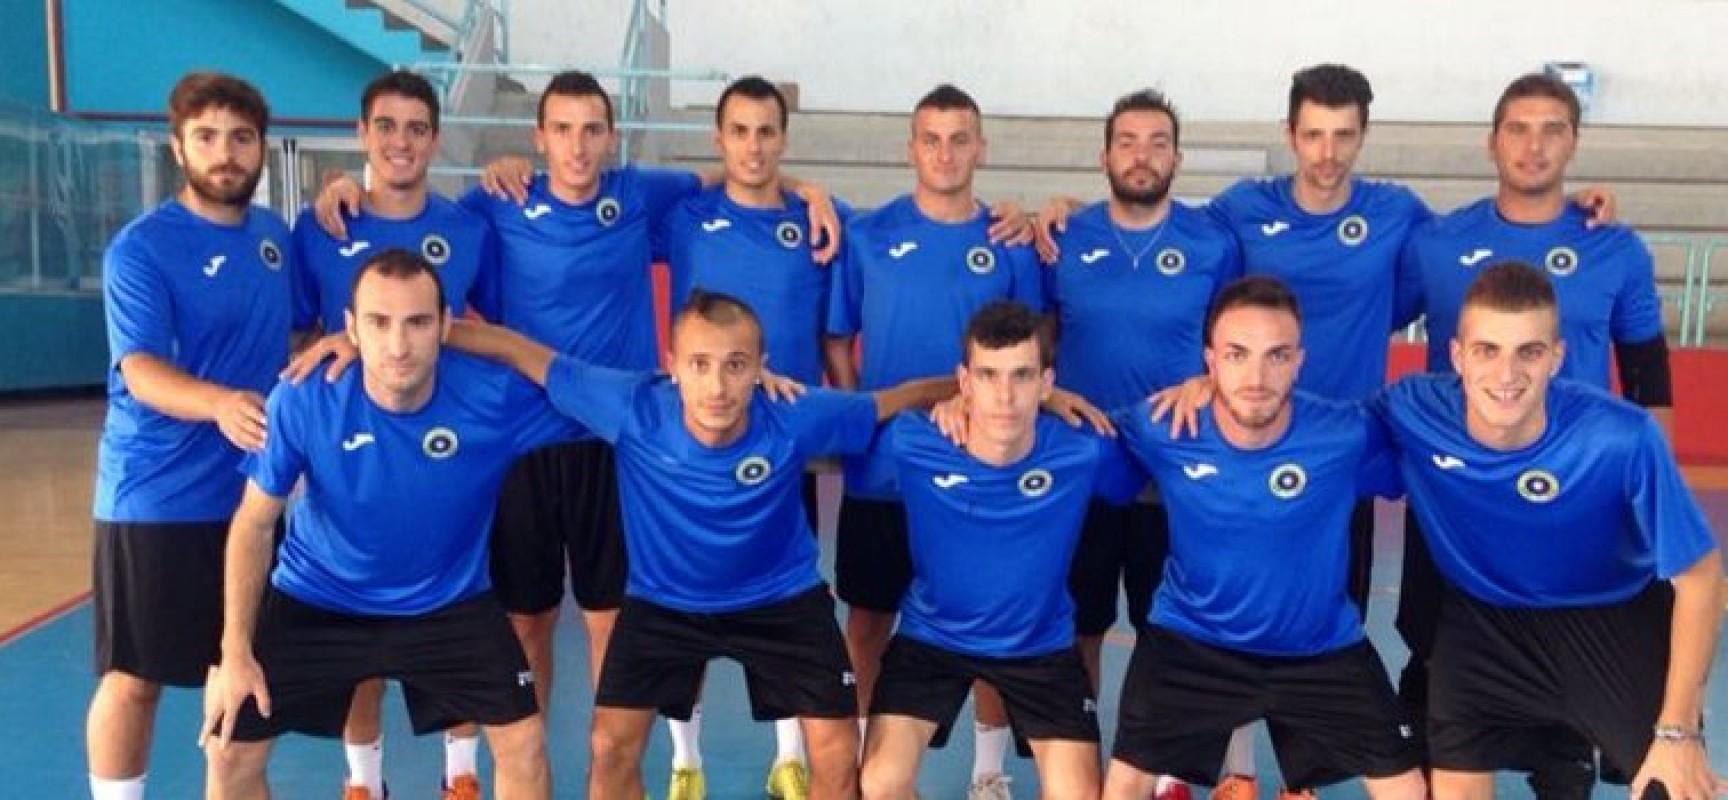 Amichevoli: il Futsal Bisceglie supera agevolmente le Aquile Molfetta